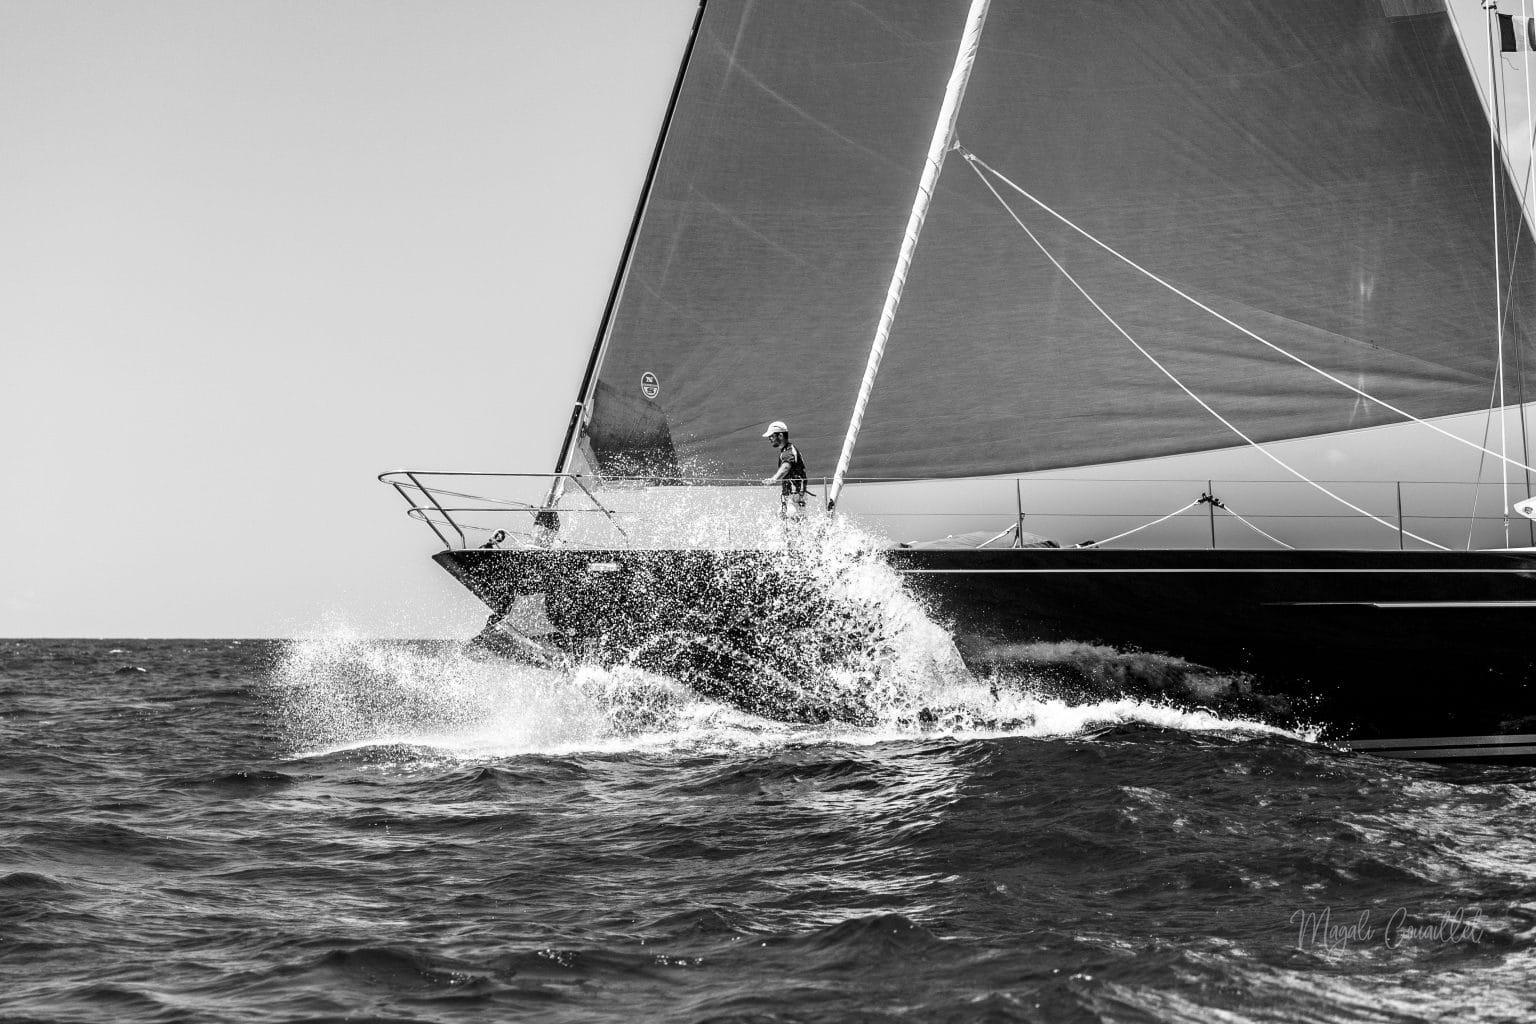 Geneviève Yacht, Bucket Regatta 2019 St Barths